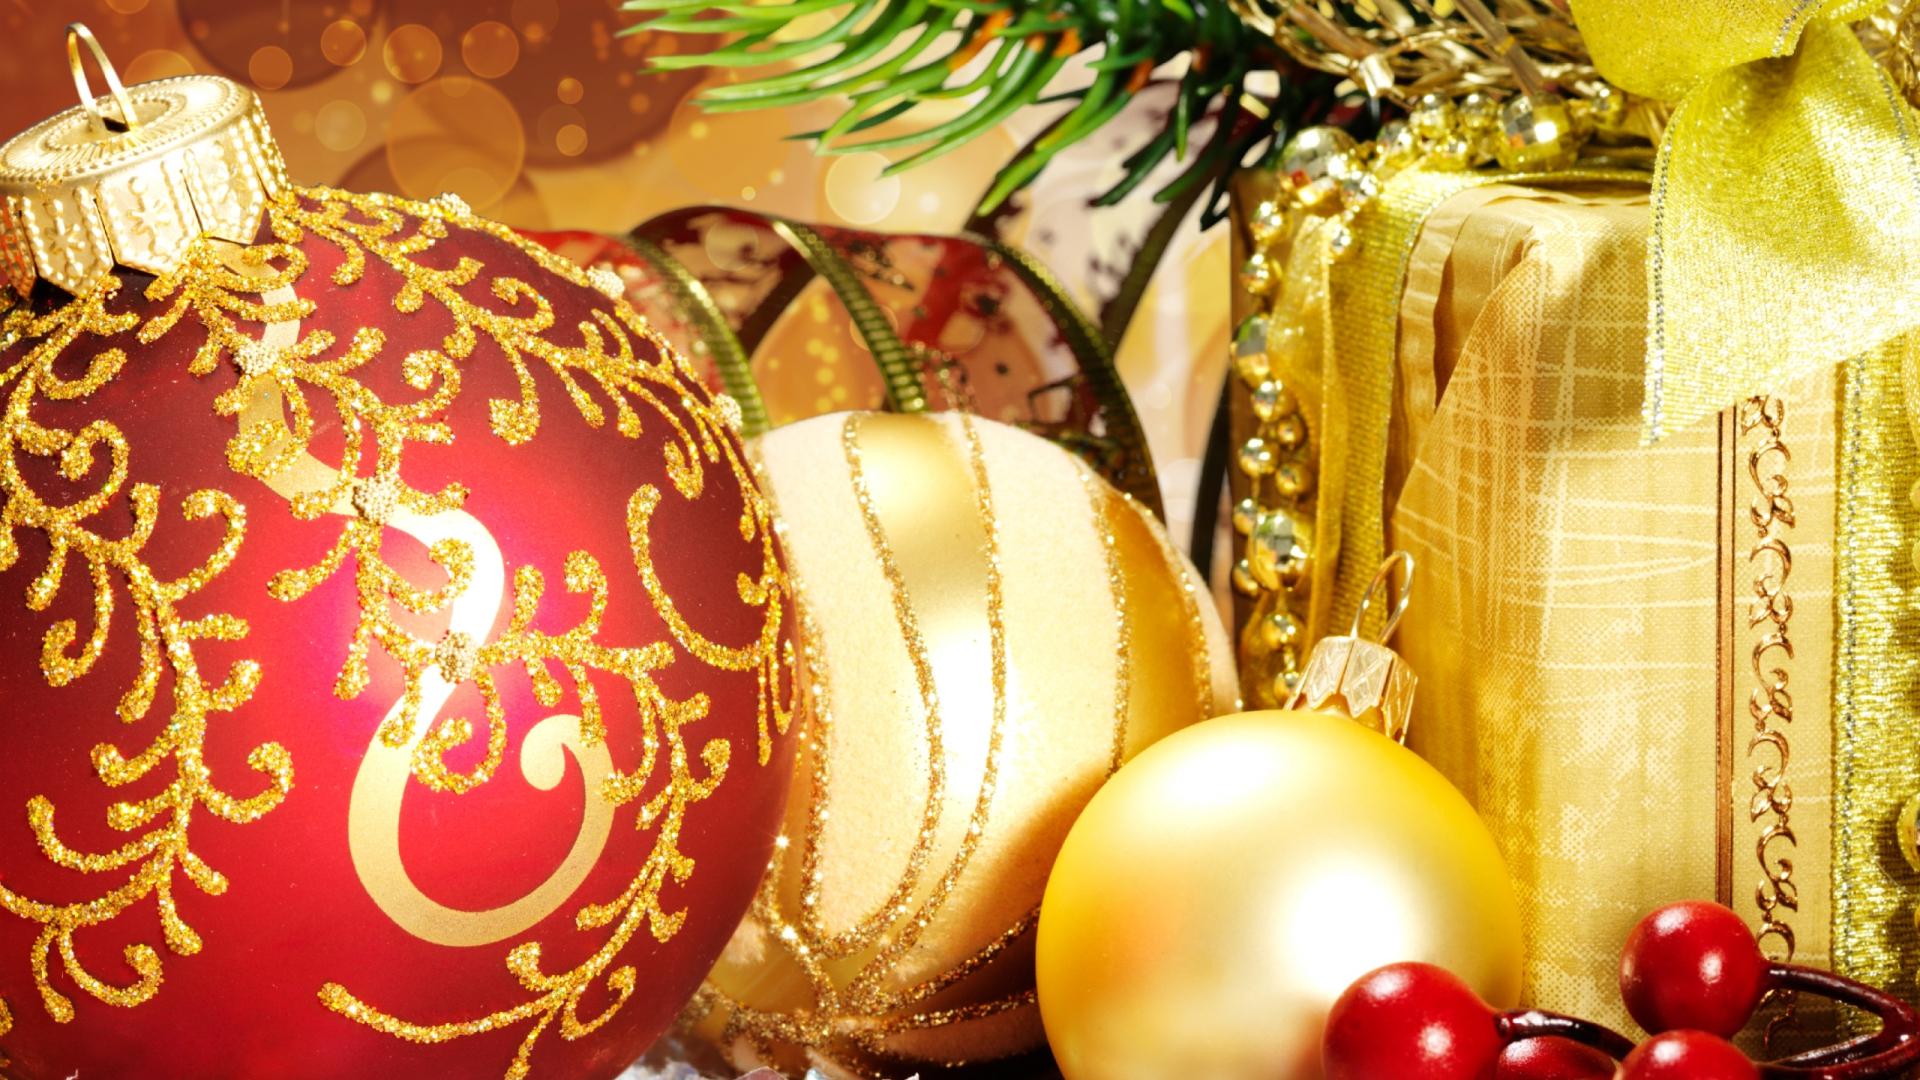 Bộ Sưu Tập Ảnh Giáng Sinh - Page 4 00223n